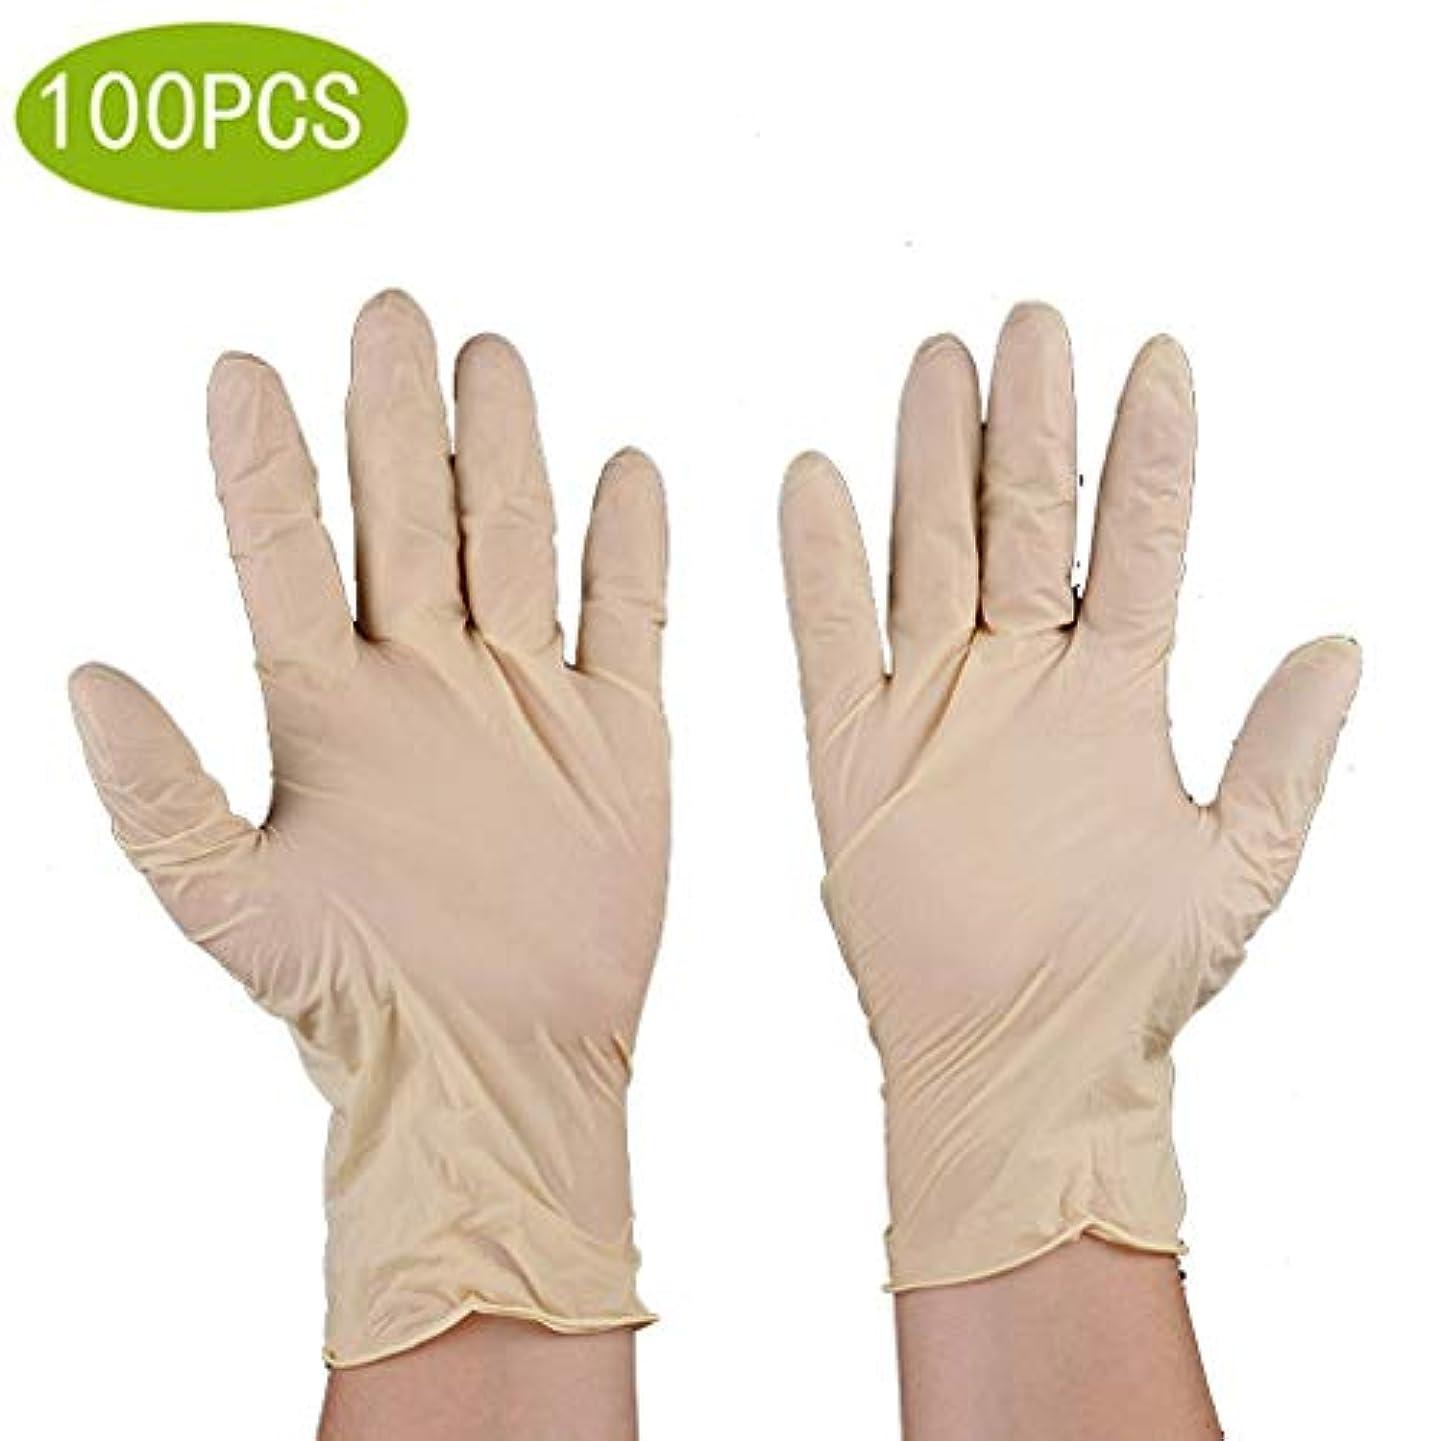 鈍い甘やかす自動化使い捨て手袋食品ケータリング手術丁清ゴム労働保護ラテックス肌キッチン厚い試験/食品グレード安全用品、使い捨てハンドグローブディスペンサー[100個] (Size : S)